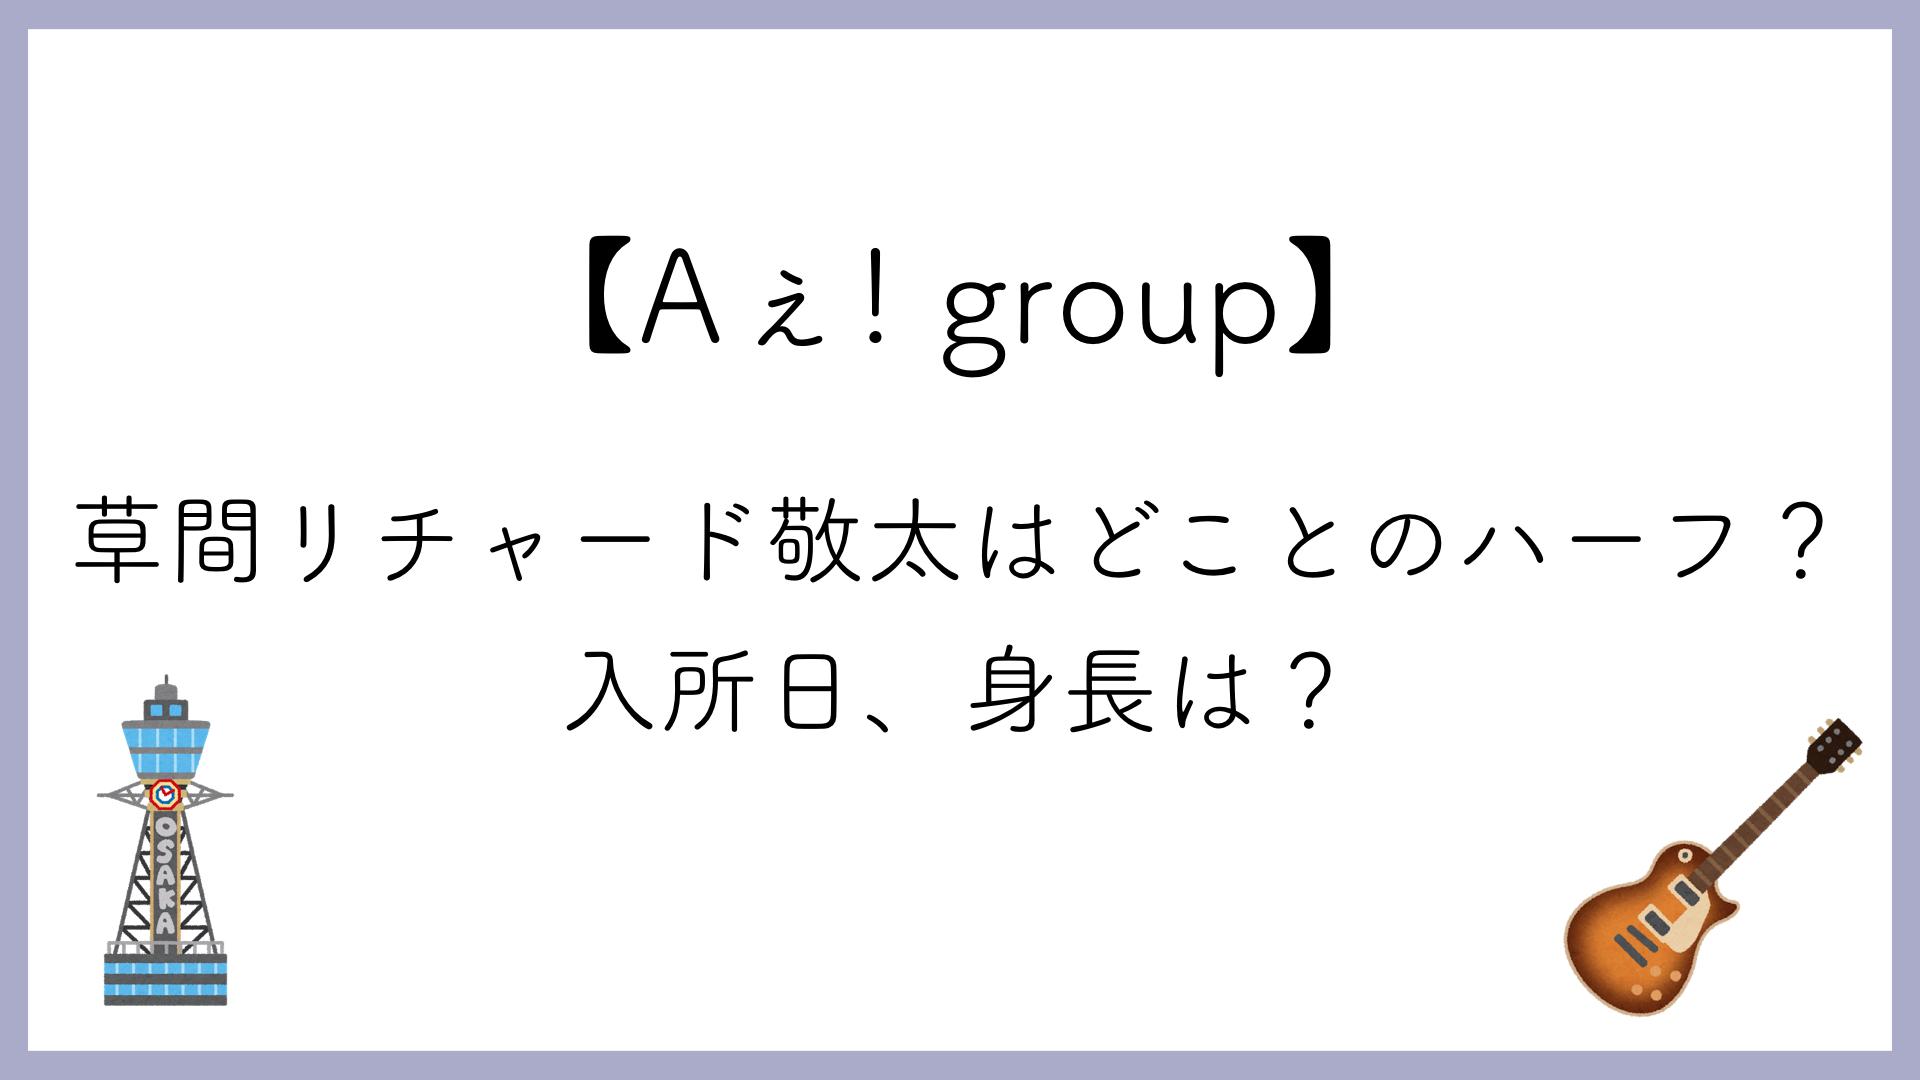 【Aぇ! group】草間リチャード敬太はどことのハーフ?入所日、身長は?